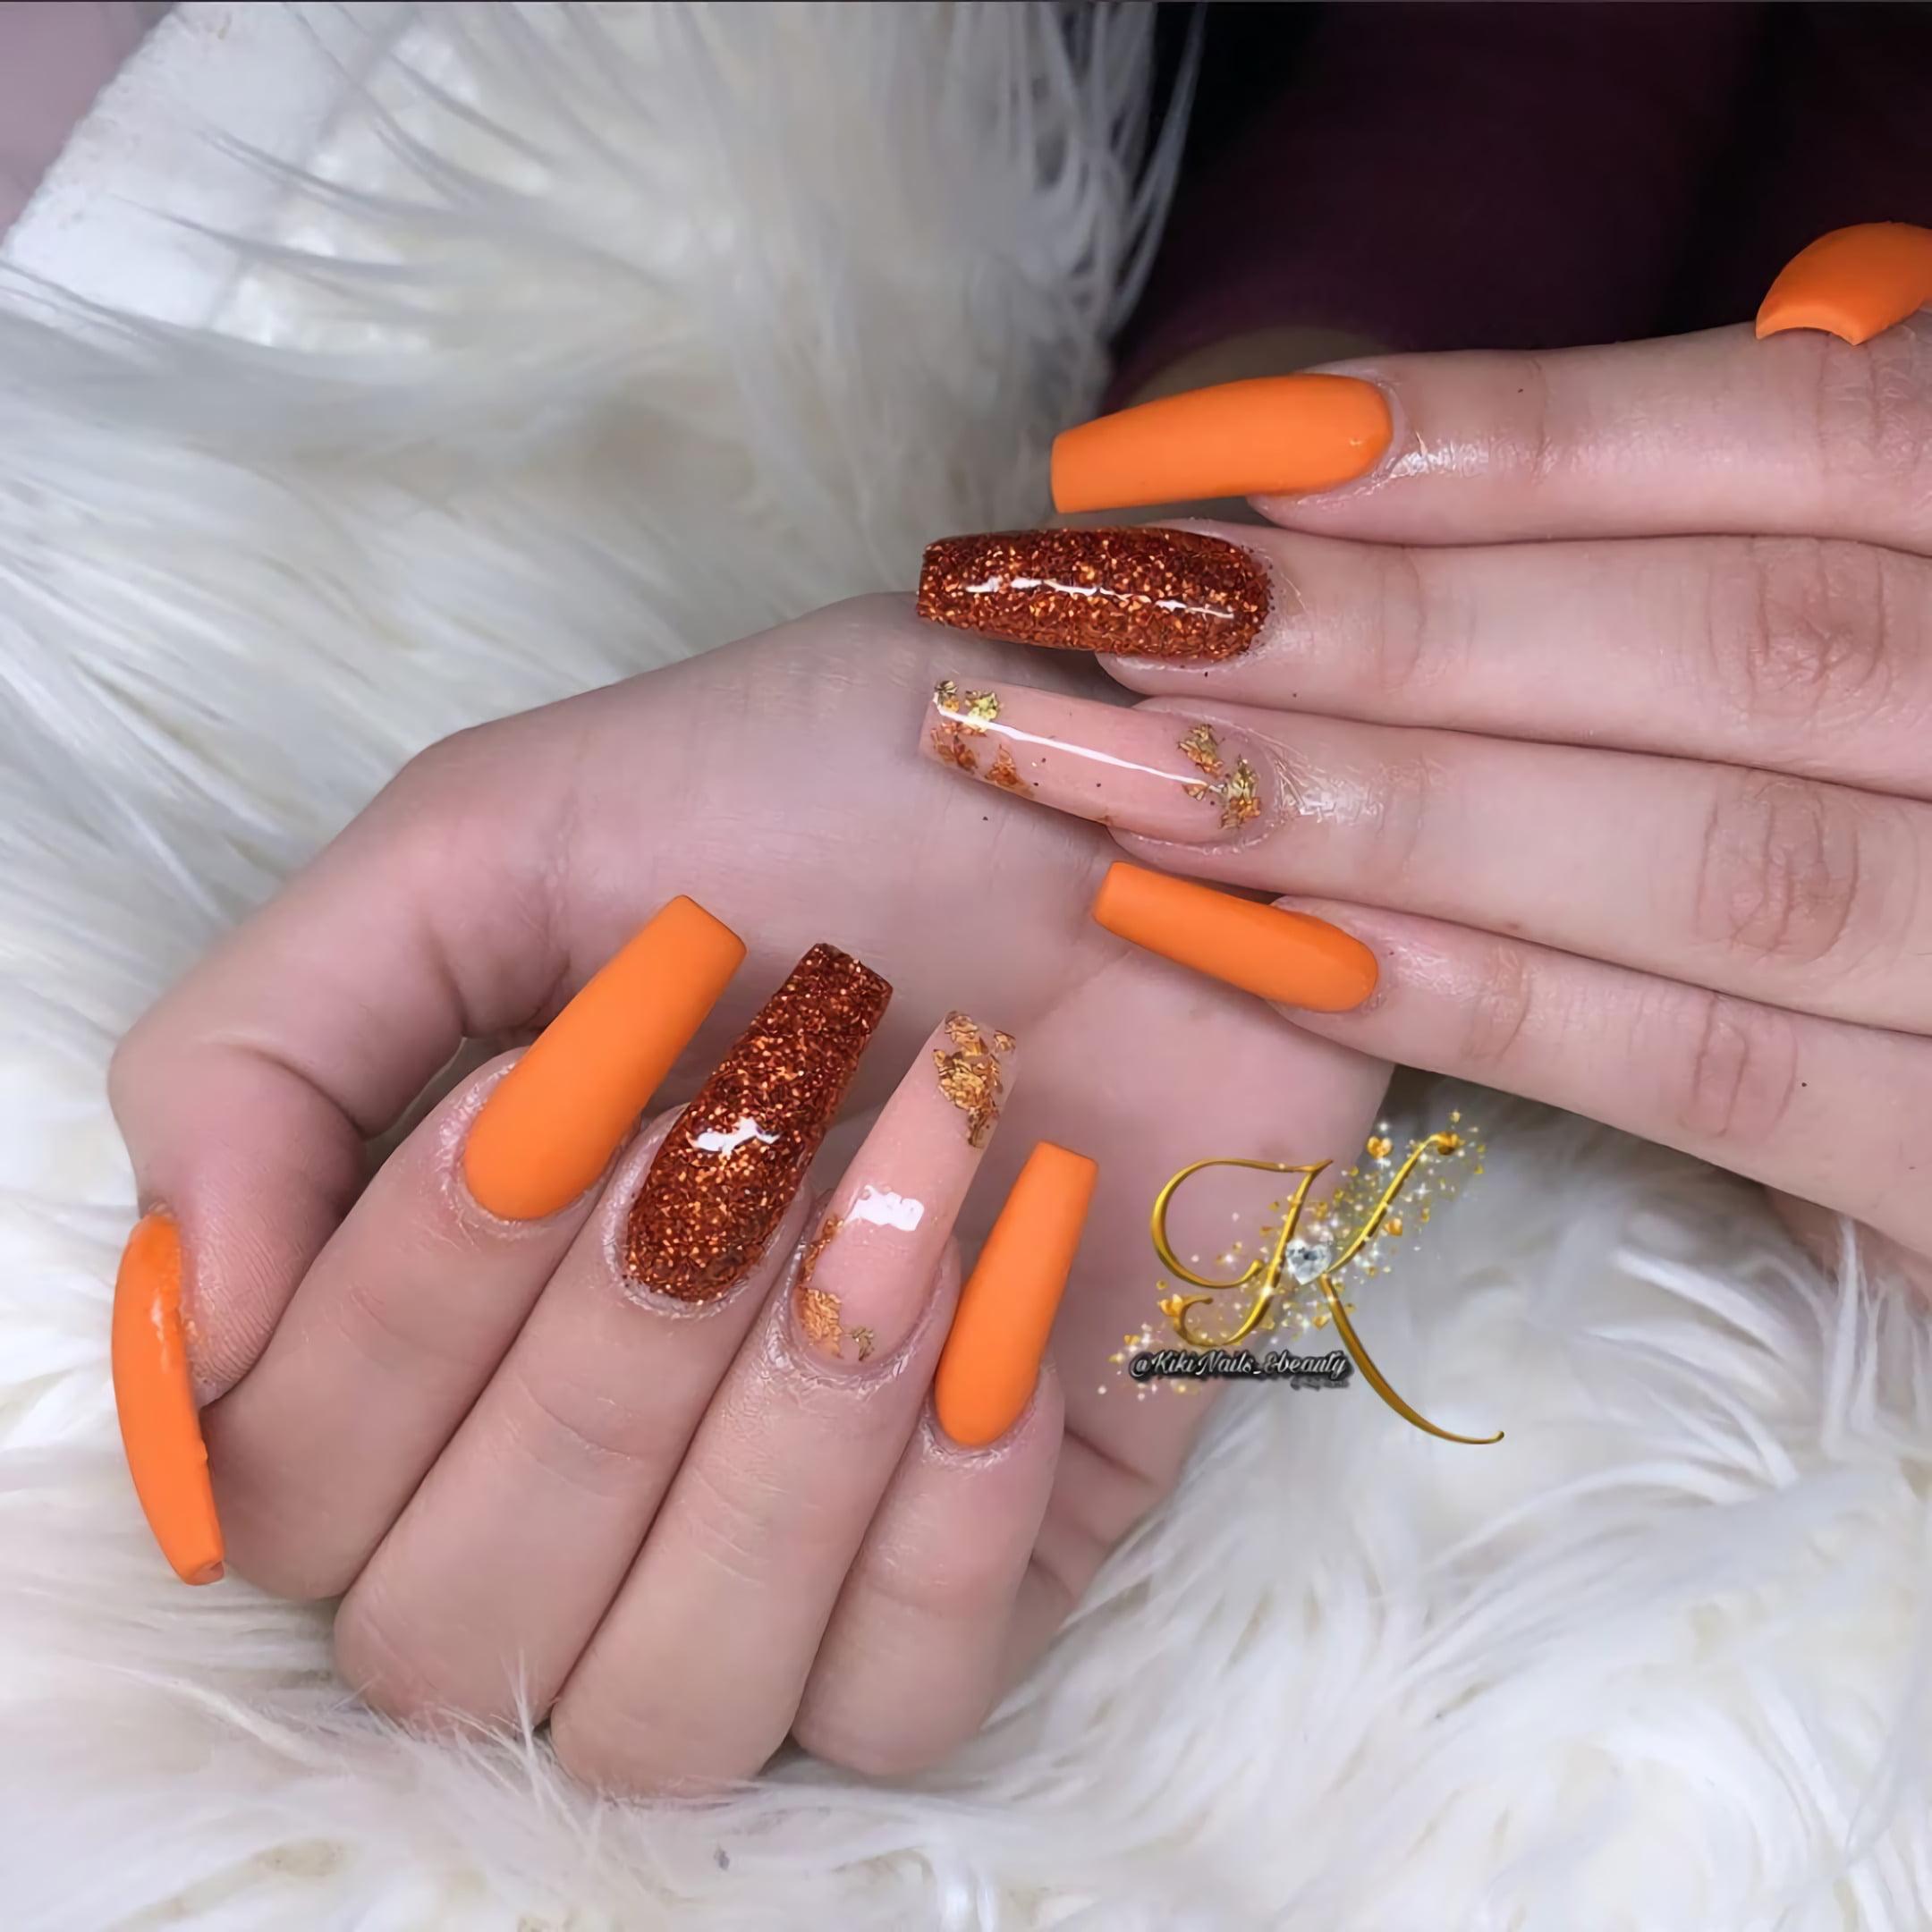 Апельсиновый маникюр с сусальным золотом